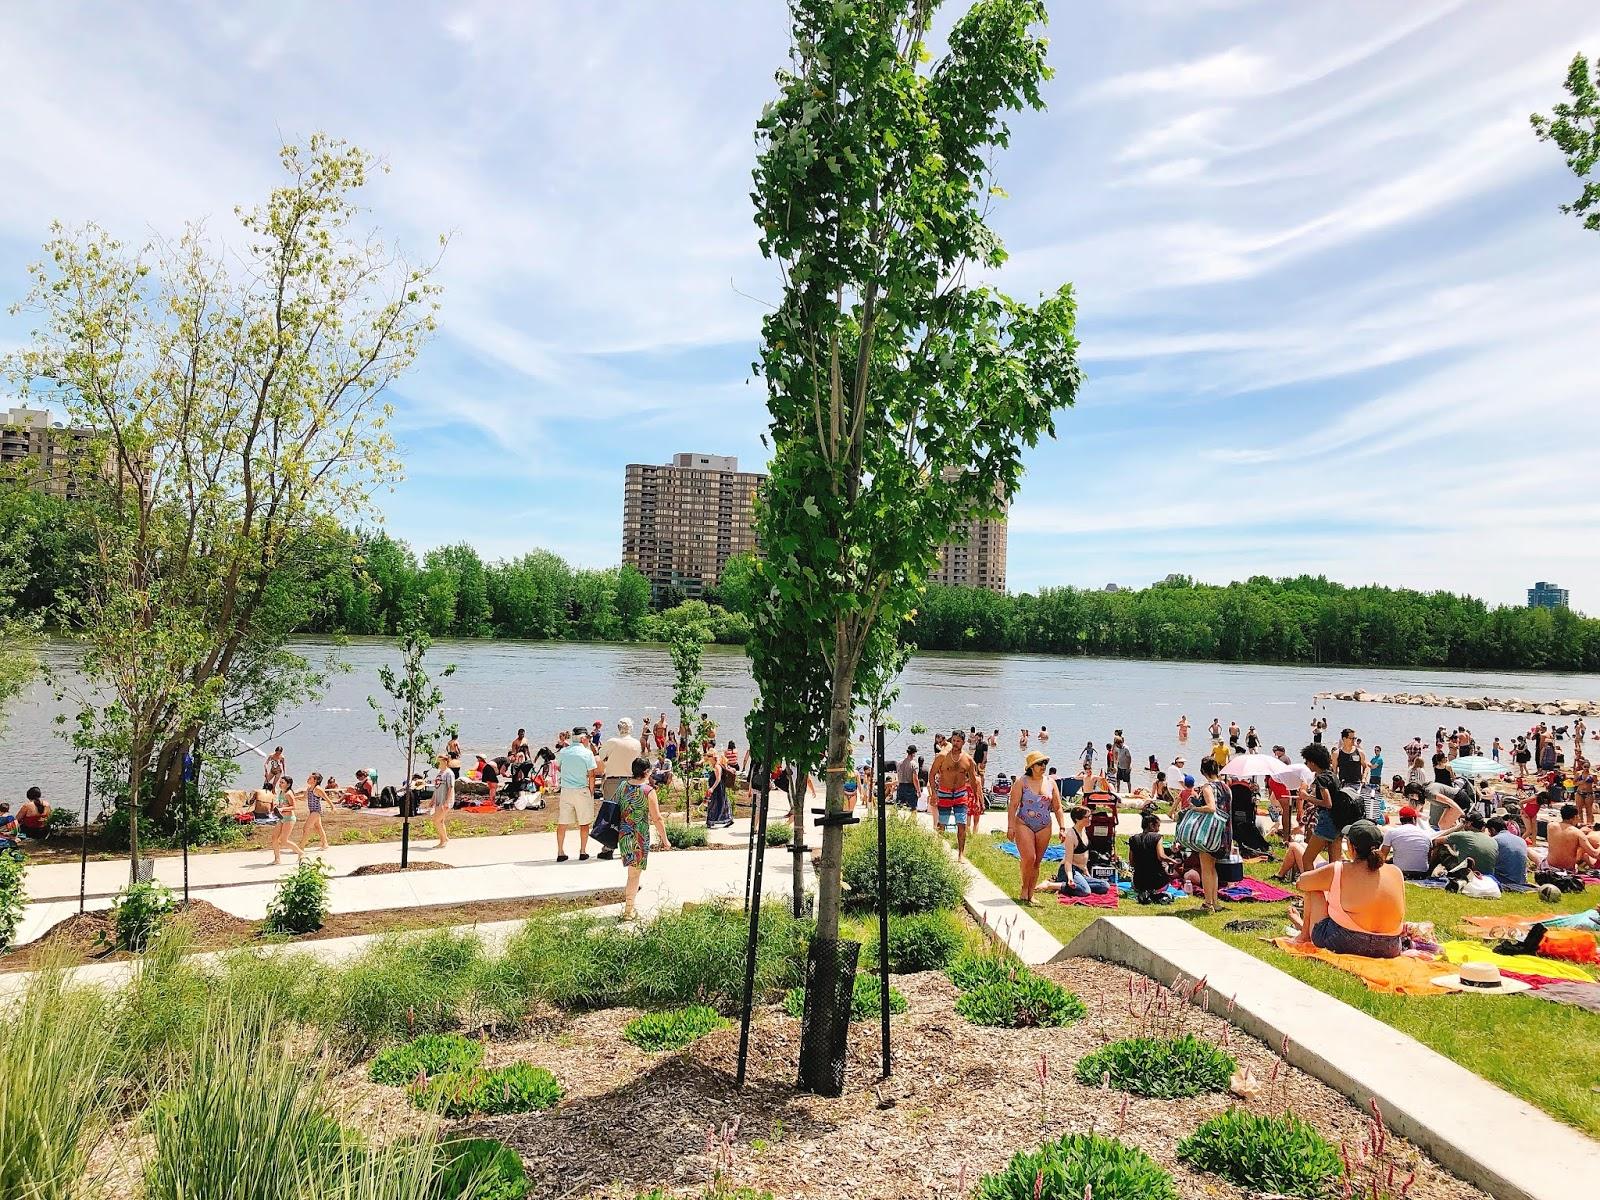 Actividades al aire libre y gratuitas para el verano